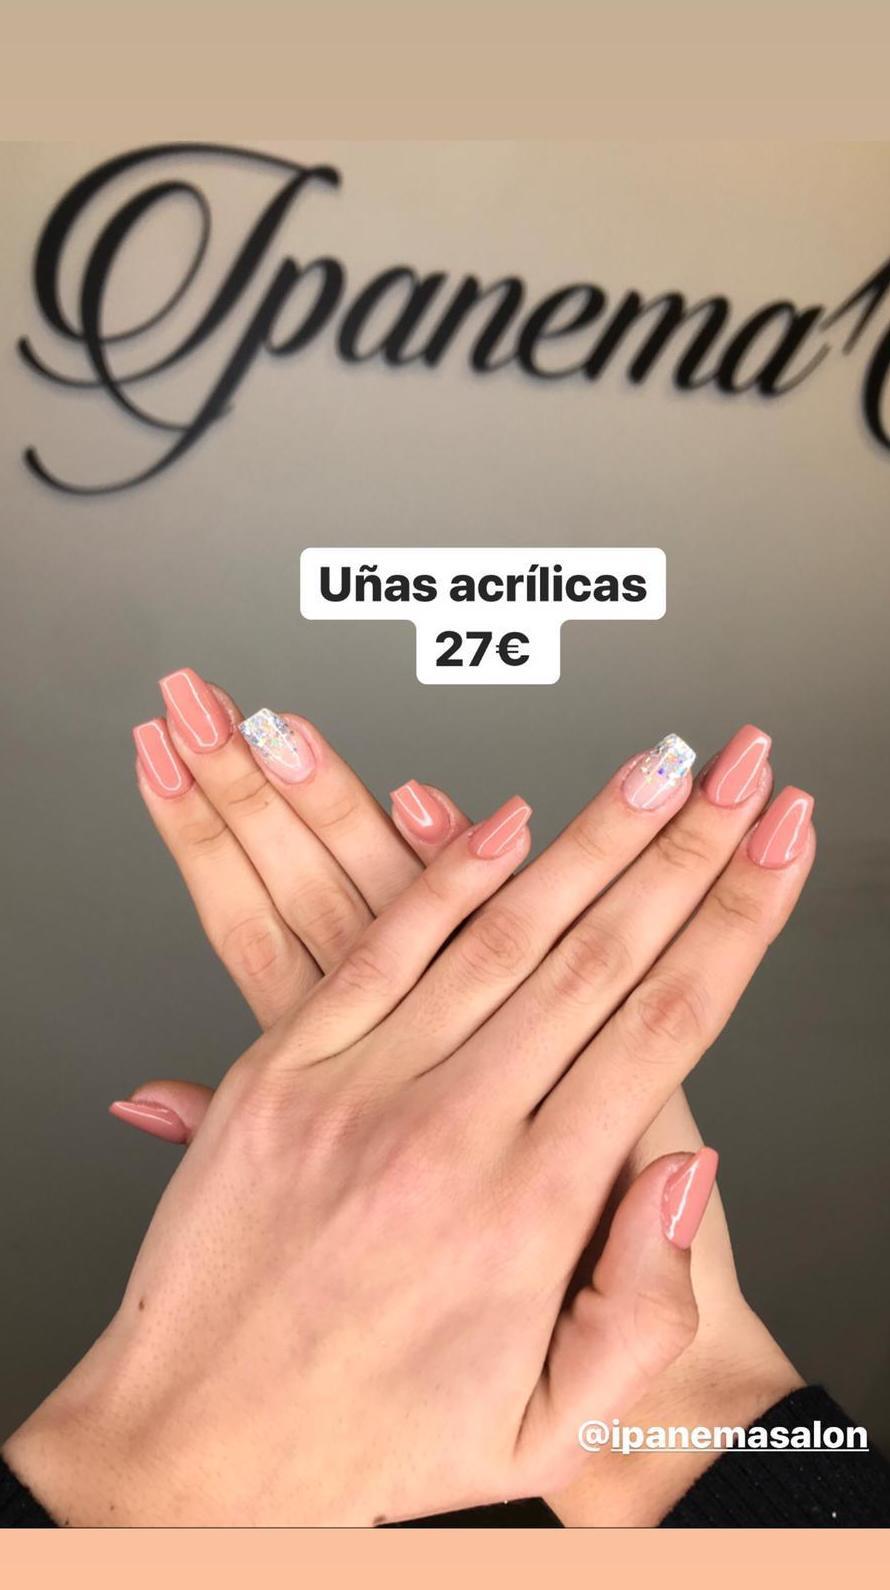 Uñas acrílicas en Ipanema Salón